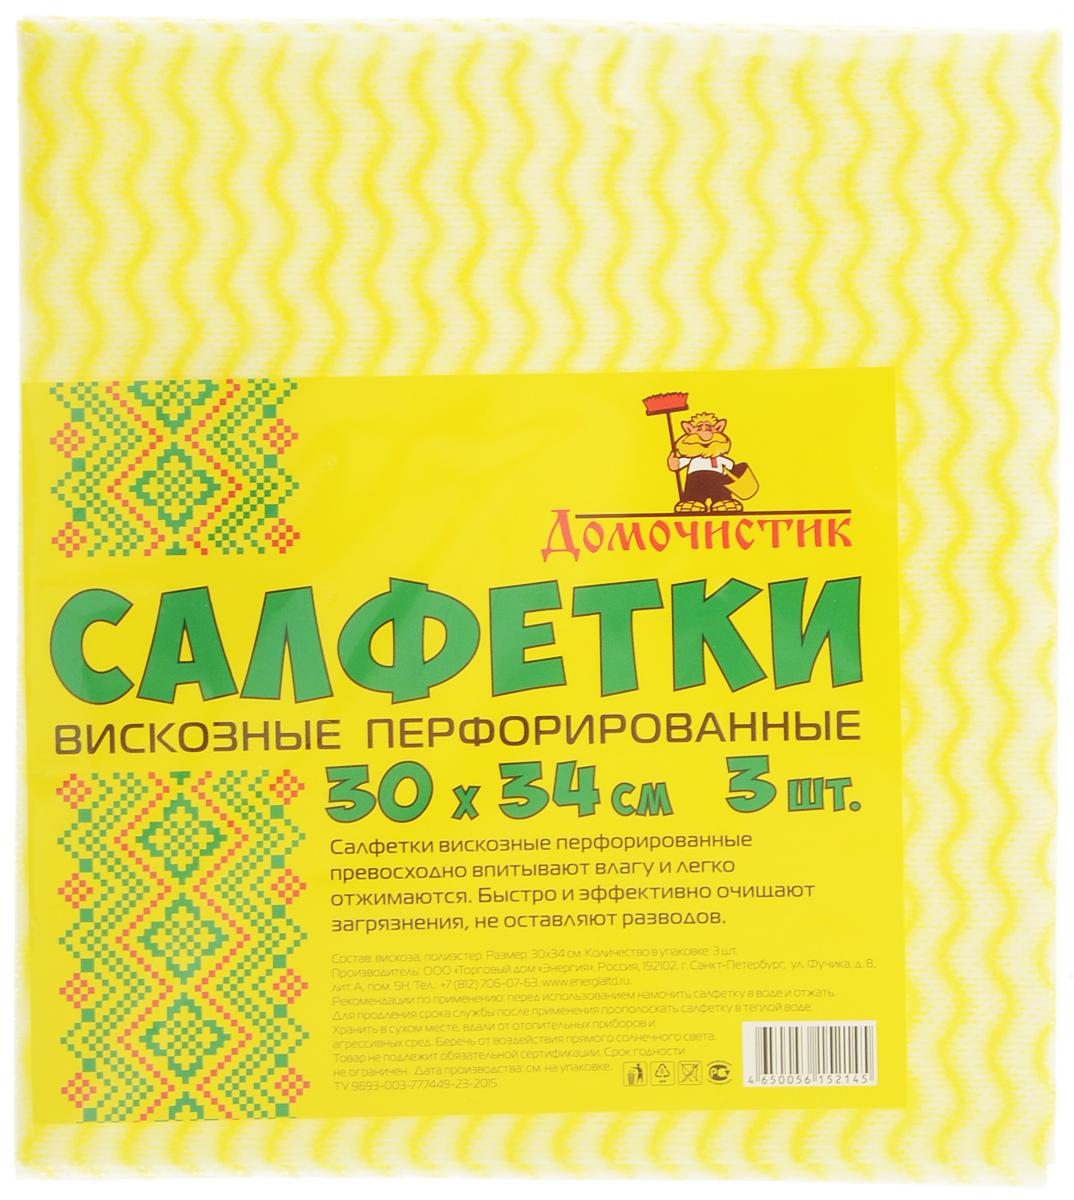 Салфетка для уборки Домочистик из вискозы, перфорированная, цвет: желтый, белый, 30 x 34 см, 3 шт. 13006 барьер для тренировок mitre высота 30 см комплект из 3 шт